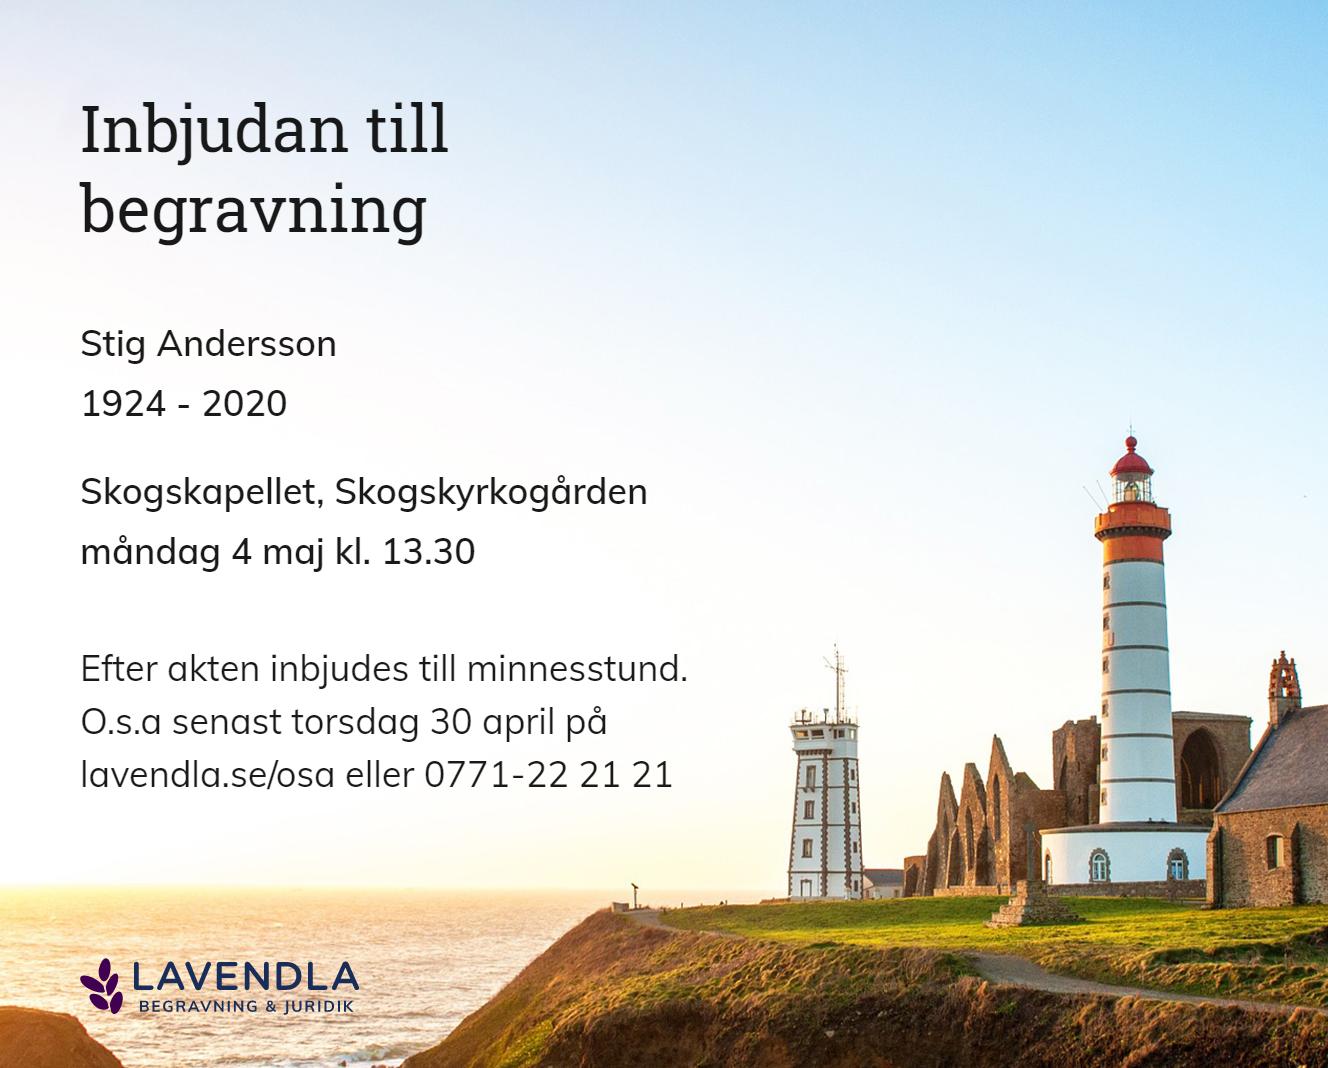 Inbjudningskort till ceremonin för Stig Andersson